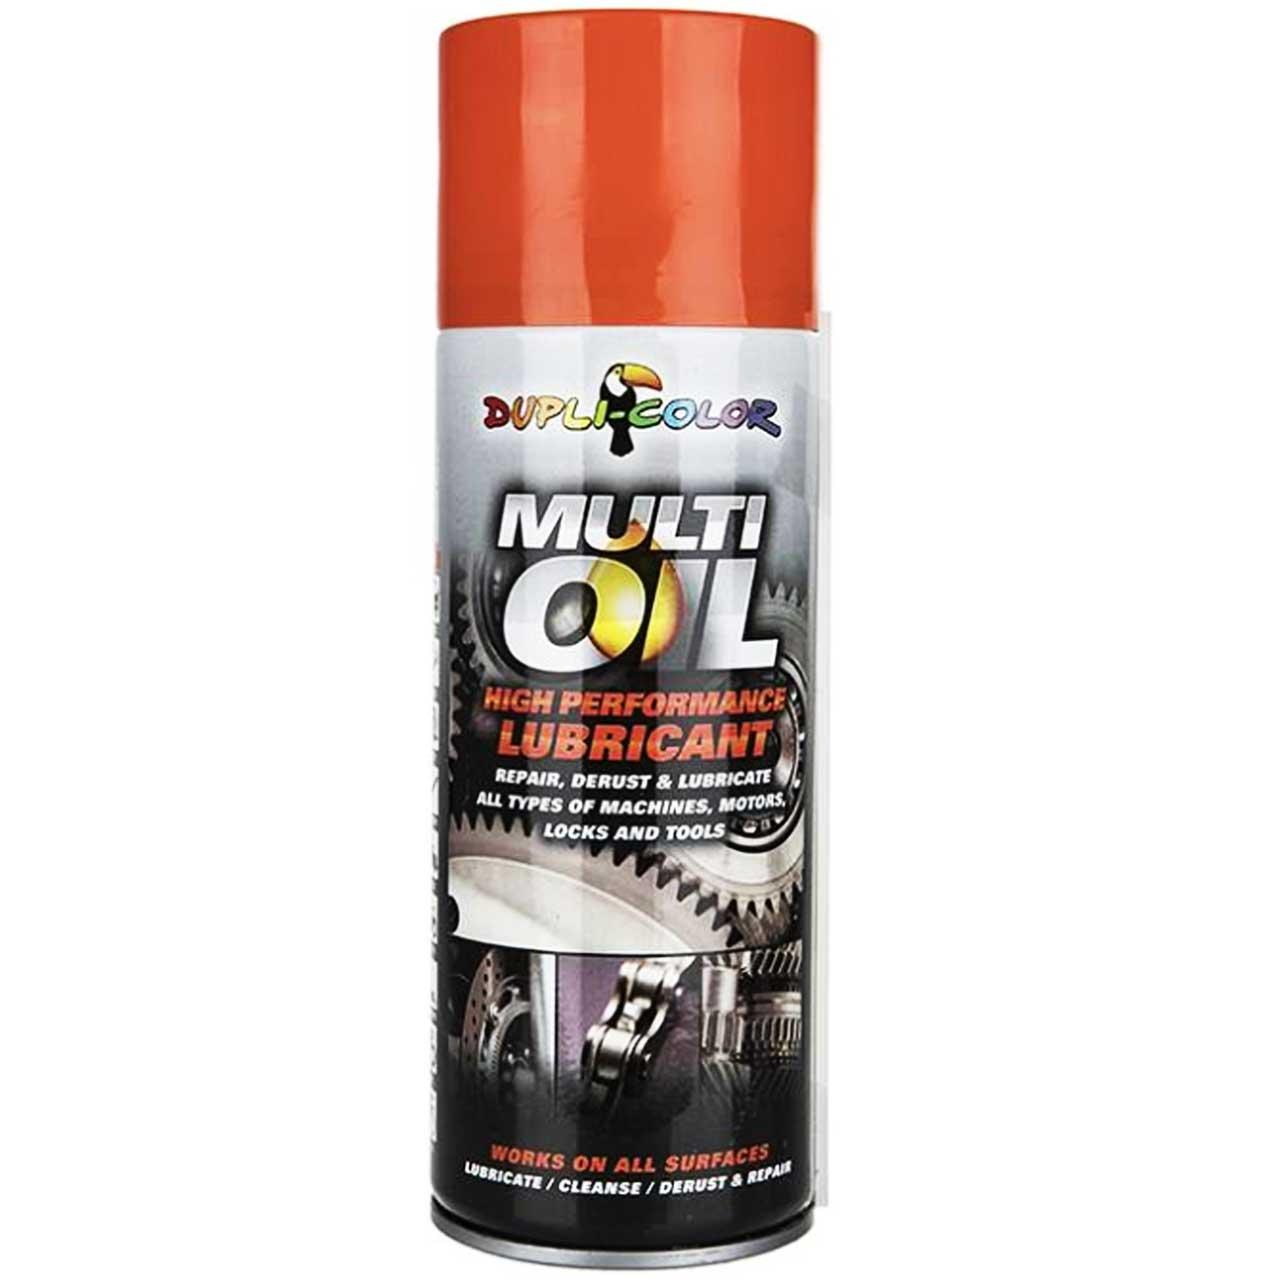 اسپری روان کننده و زنگ بر دوپلی کالر مدل Multi Oil              خرید و قیمت